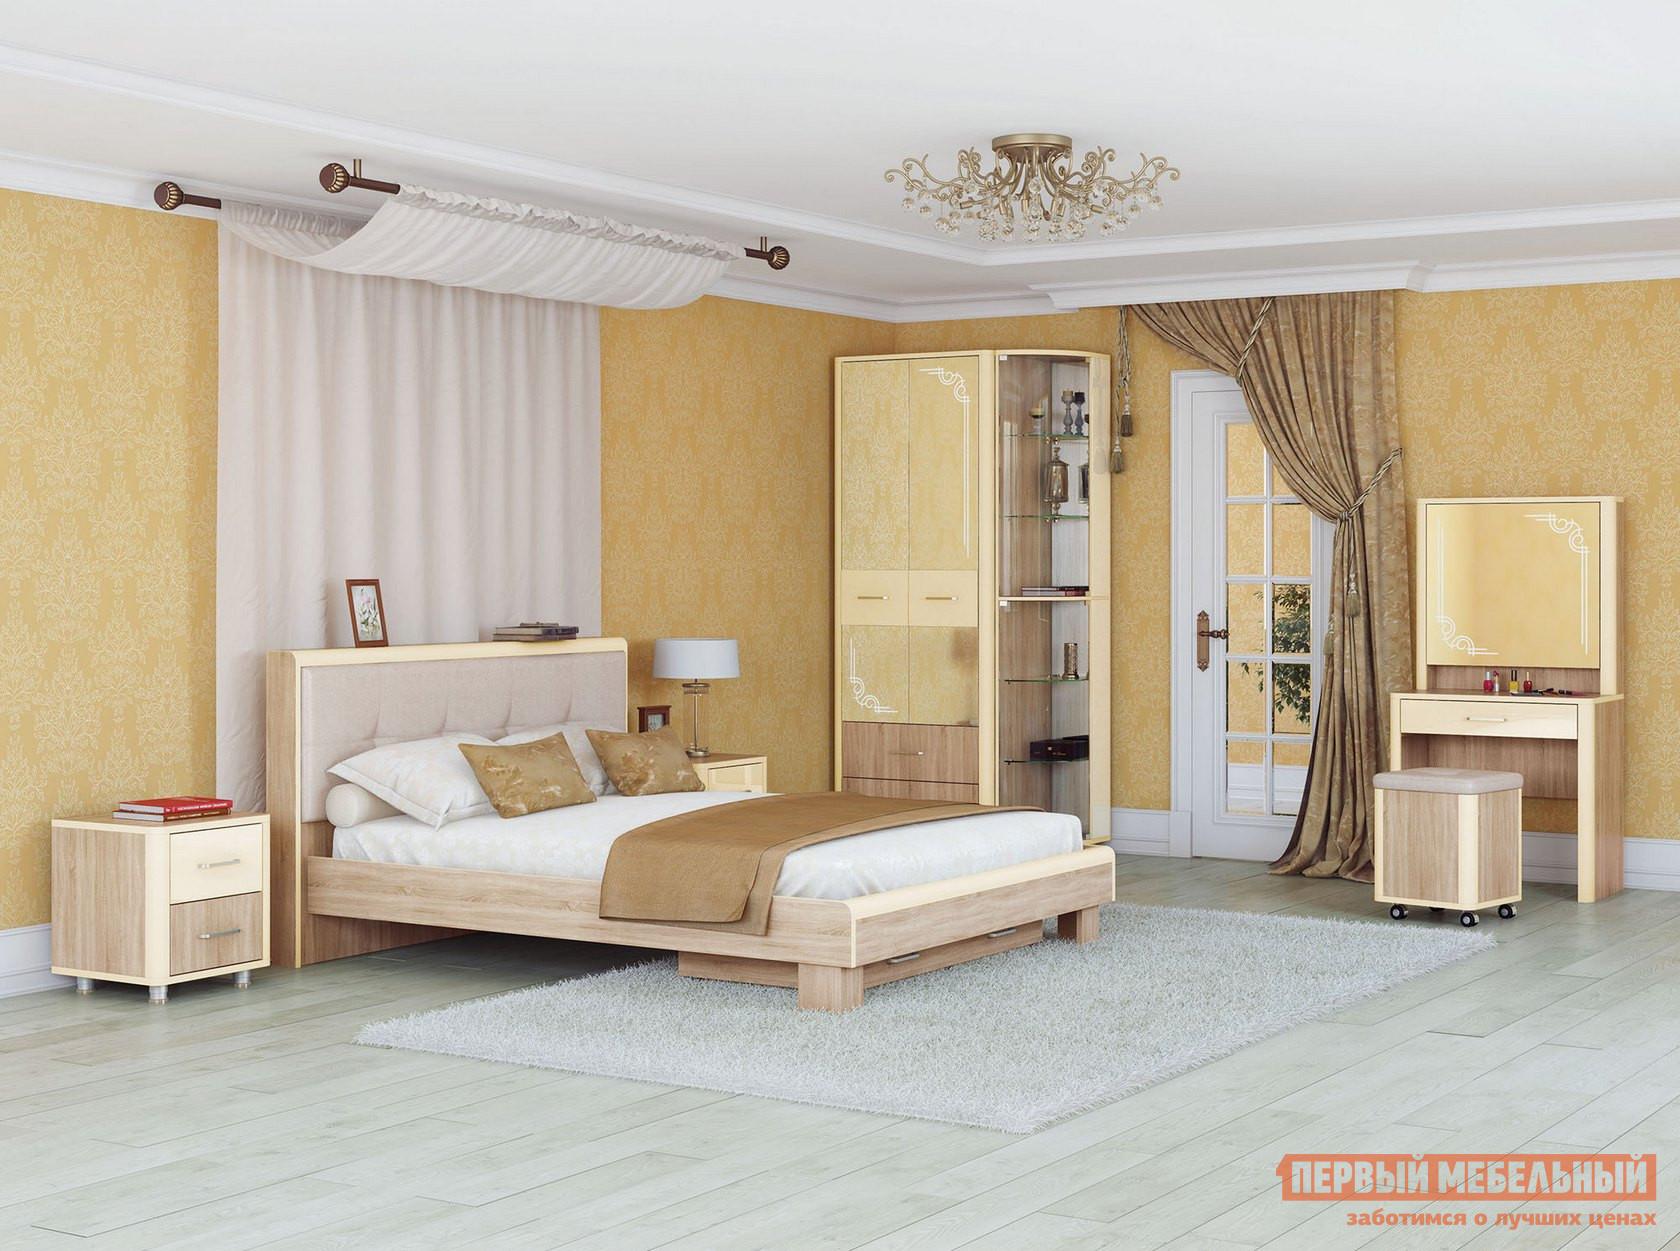 Комплект мебели для спальни МСТ Оливия М К1 комплект детской мебели трия навигатор к1